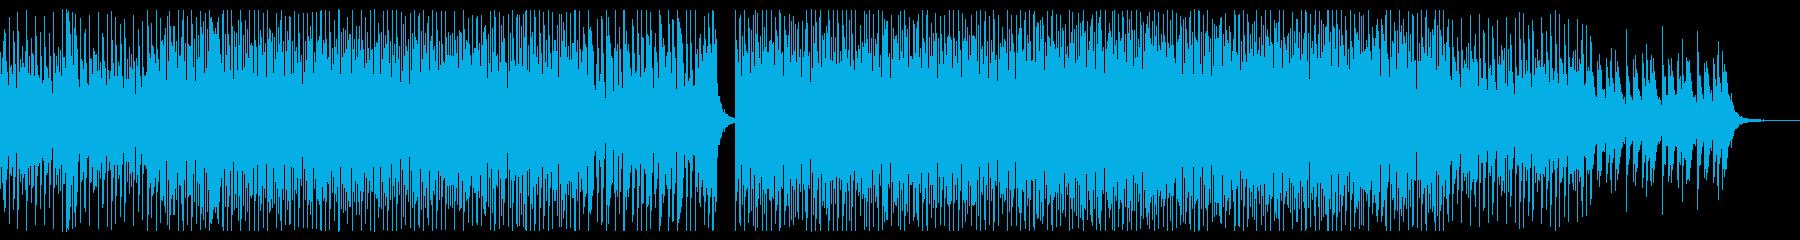 平成初期を連想させる定番ディスコサウンドの再生済みの波形